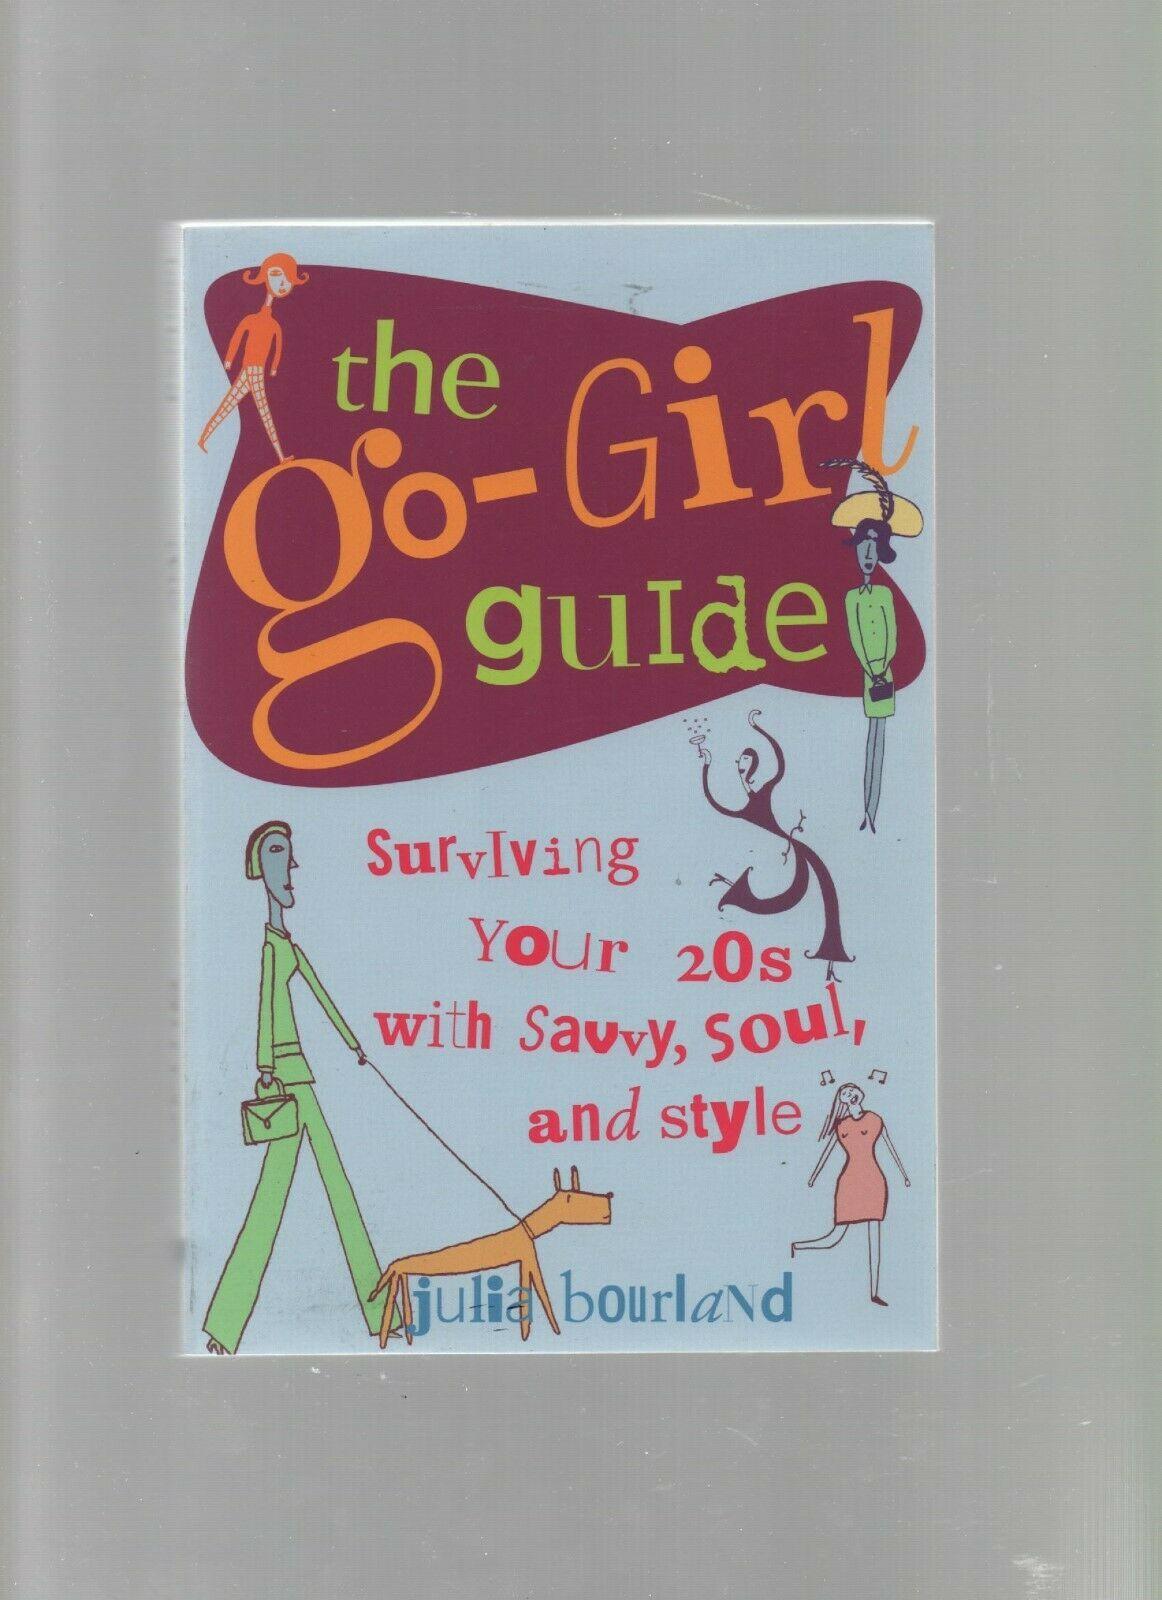 The Go-Girl Guide - Julia Bourland - SC - 2000 - Contemporary Books - 0809224763